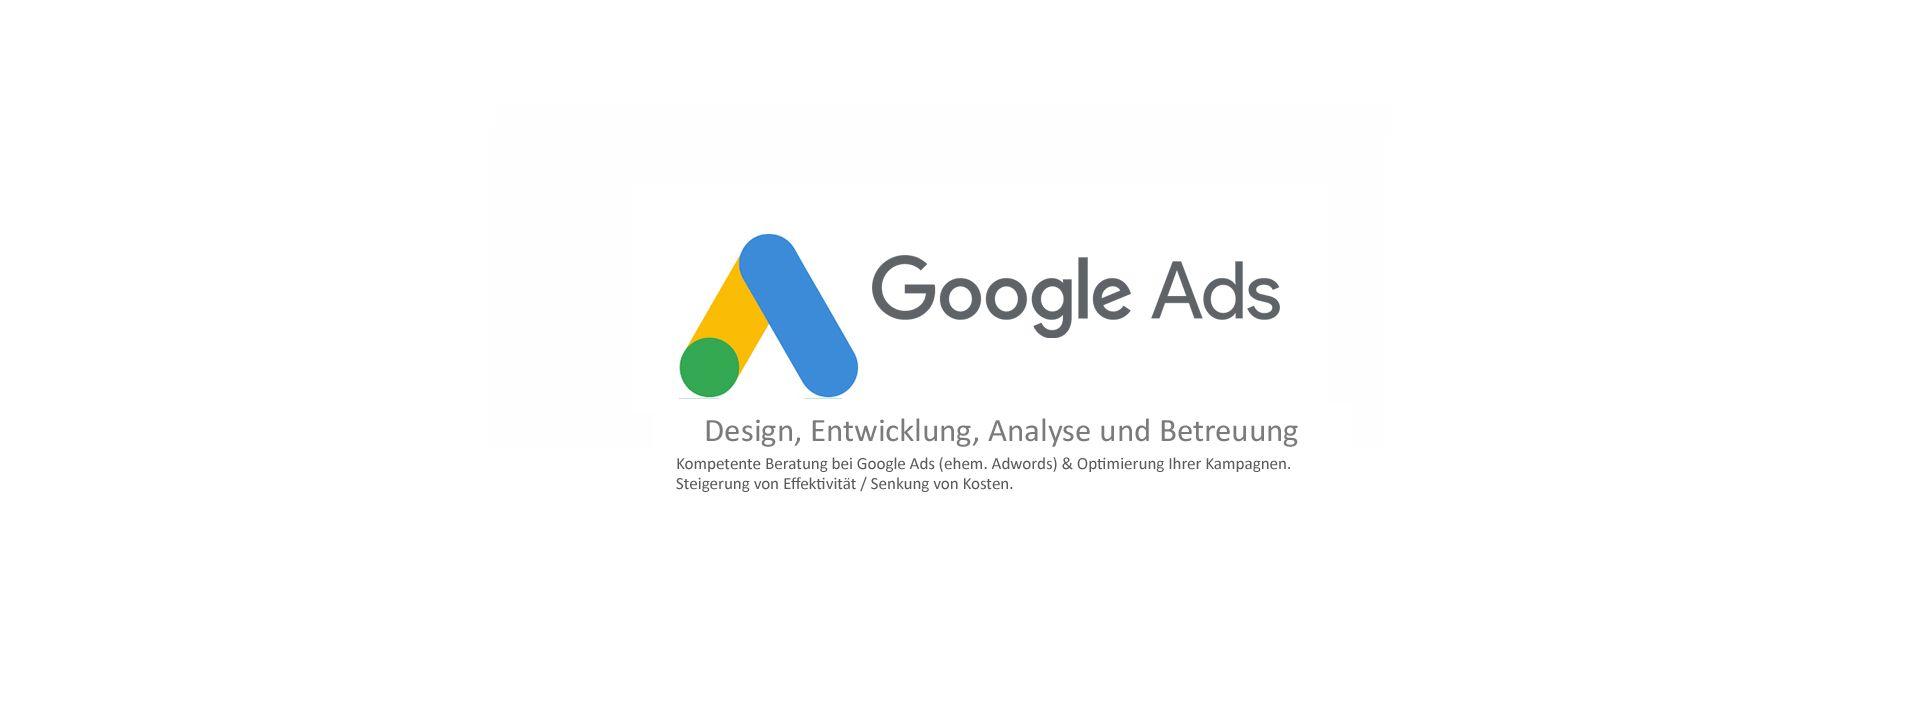 Google Ads - Adwords für Fachärzte, Krankenhäuser, Fachkliniken & Gesundheitsbetriebe